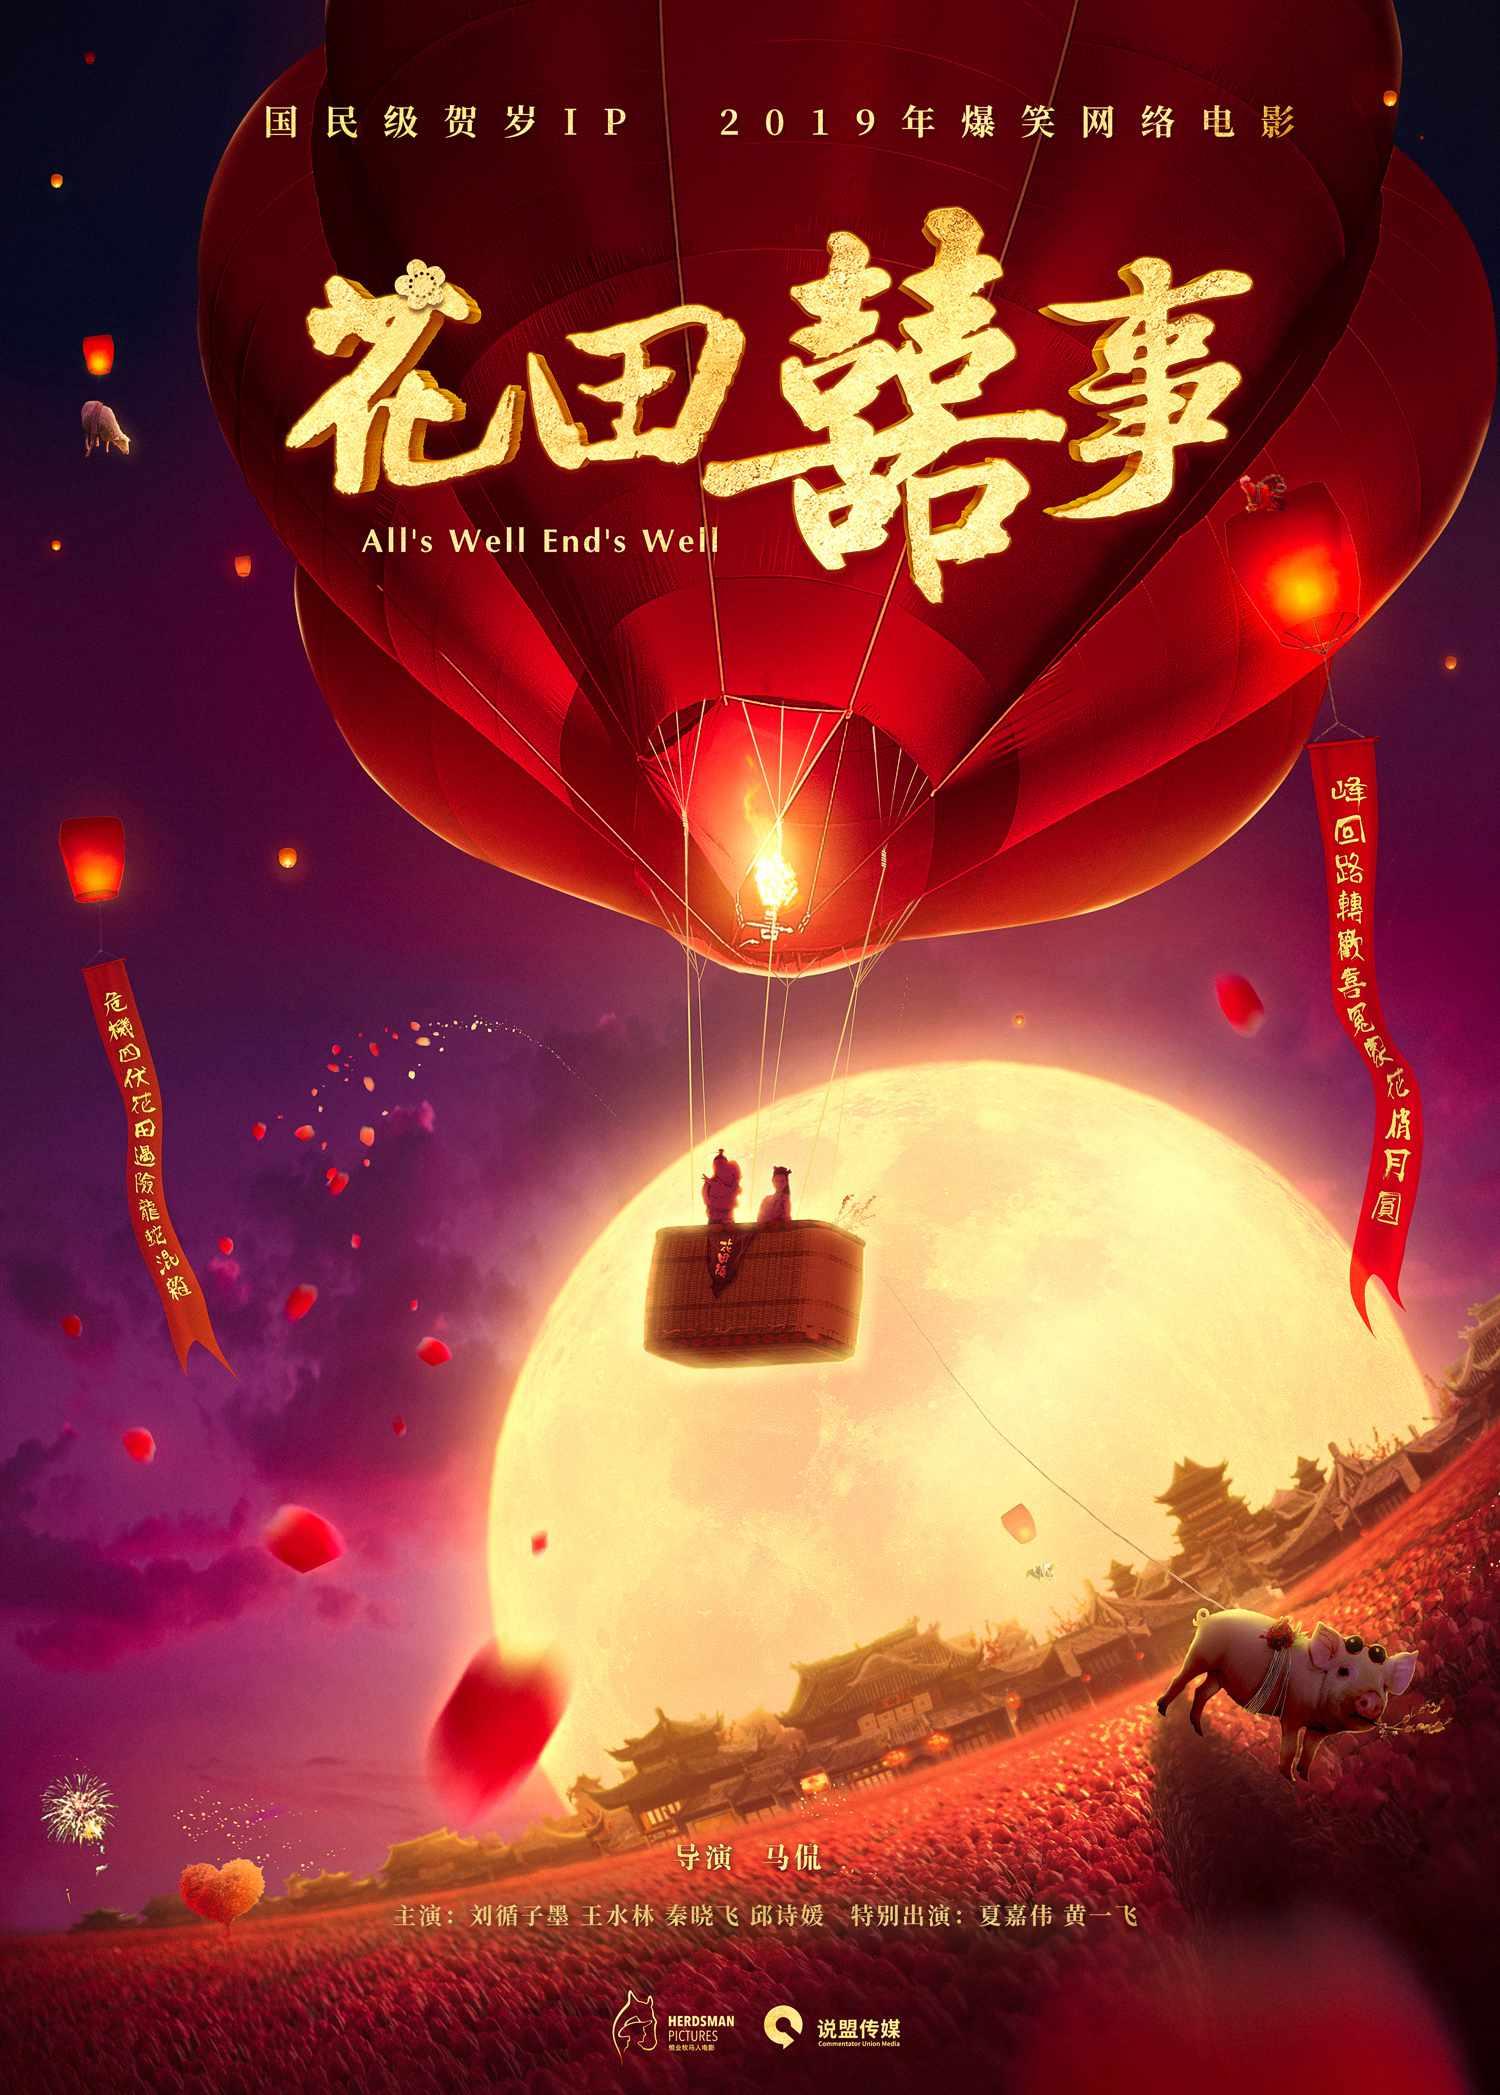 《花田喜事》开机 提前预定2019年爆款网络电影